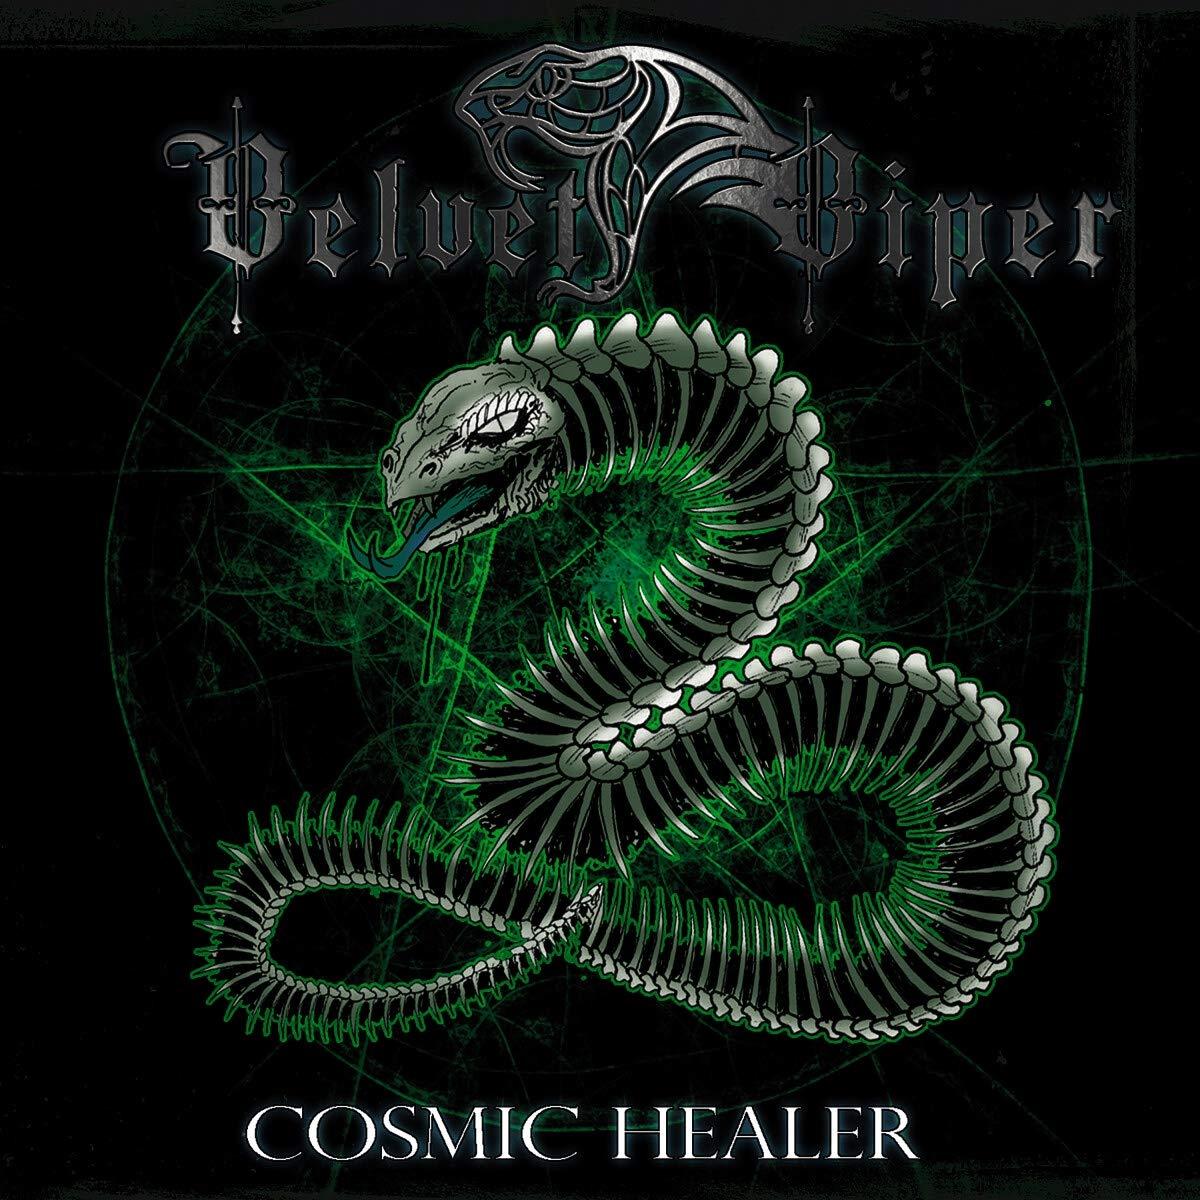 Velvet Viper – Cosmic Healer (2021) [FLAC]